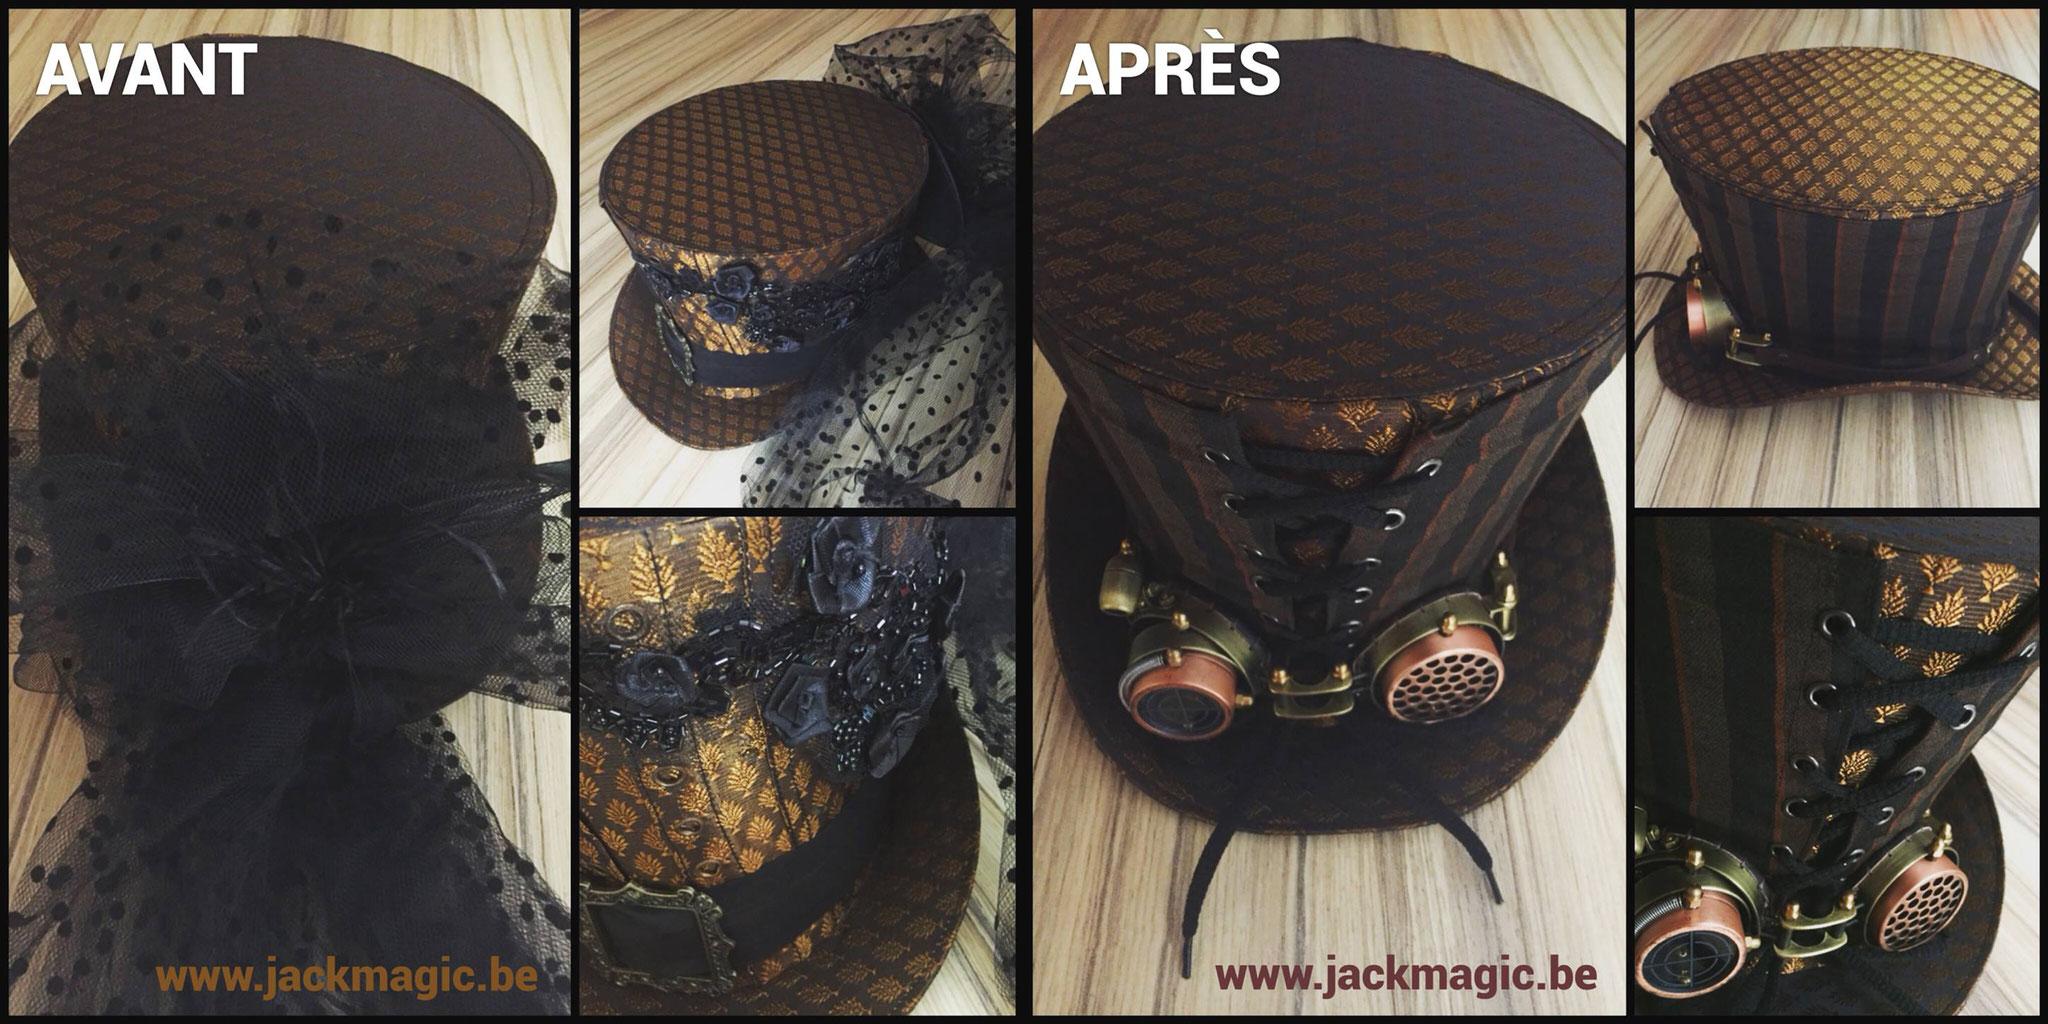 Aide couture pour la customisation du chapeau de Jack Margic (www.jackmagic.be)